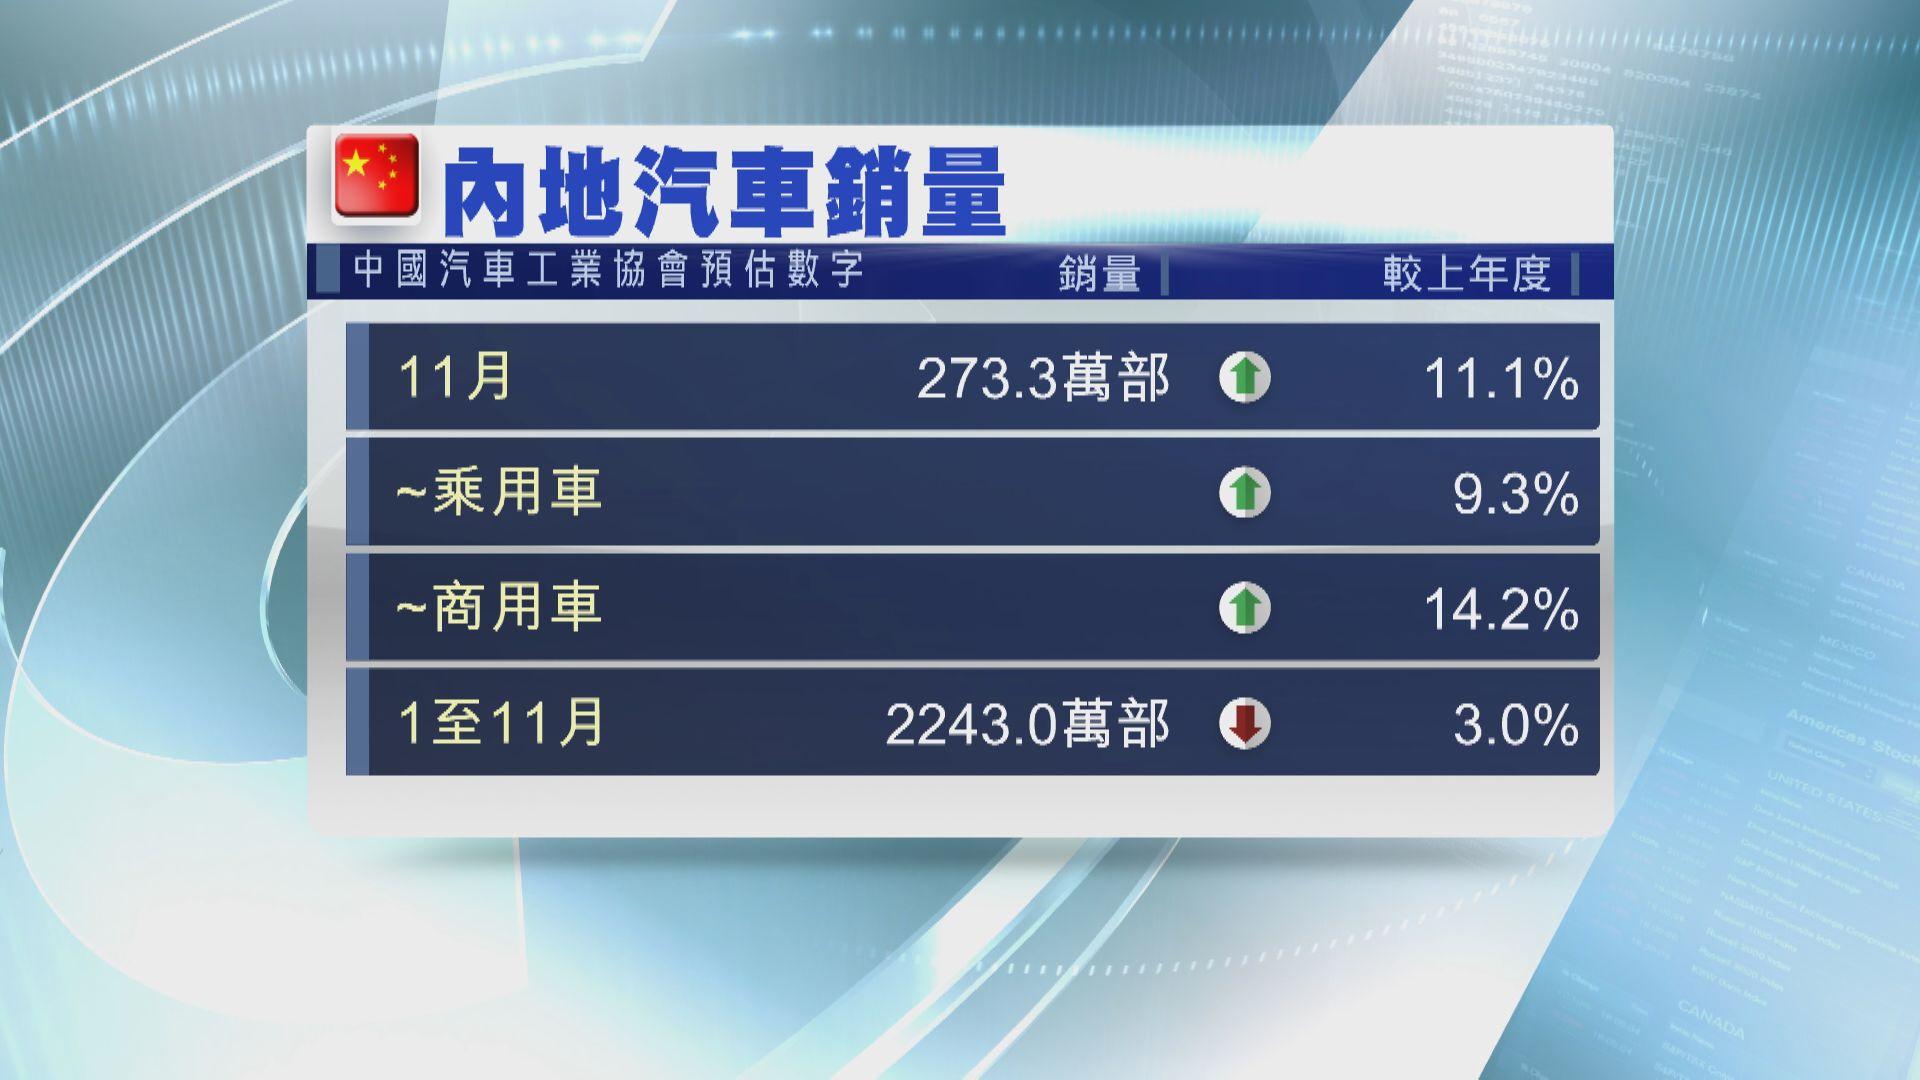 內地11月整體汽車銷售 增11%